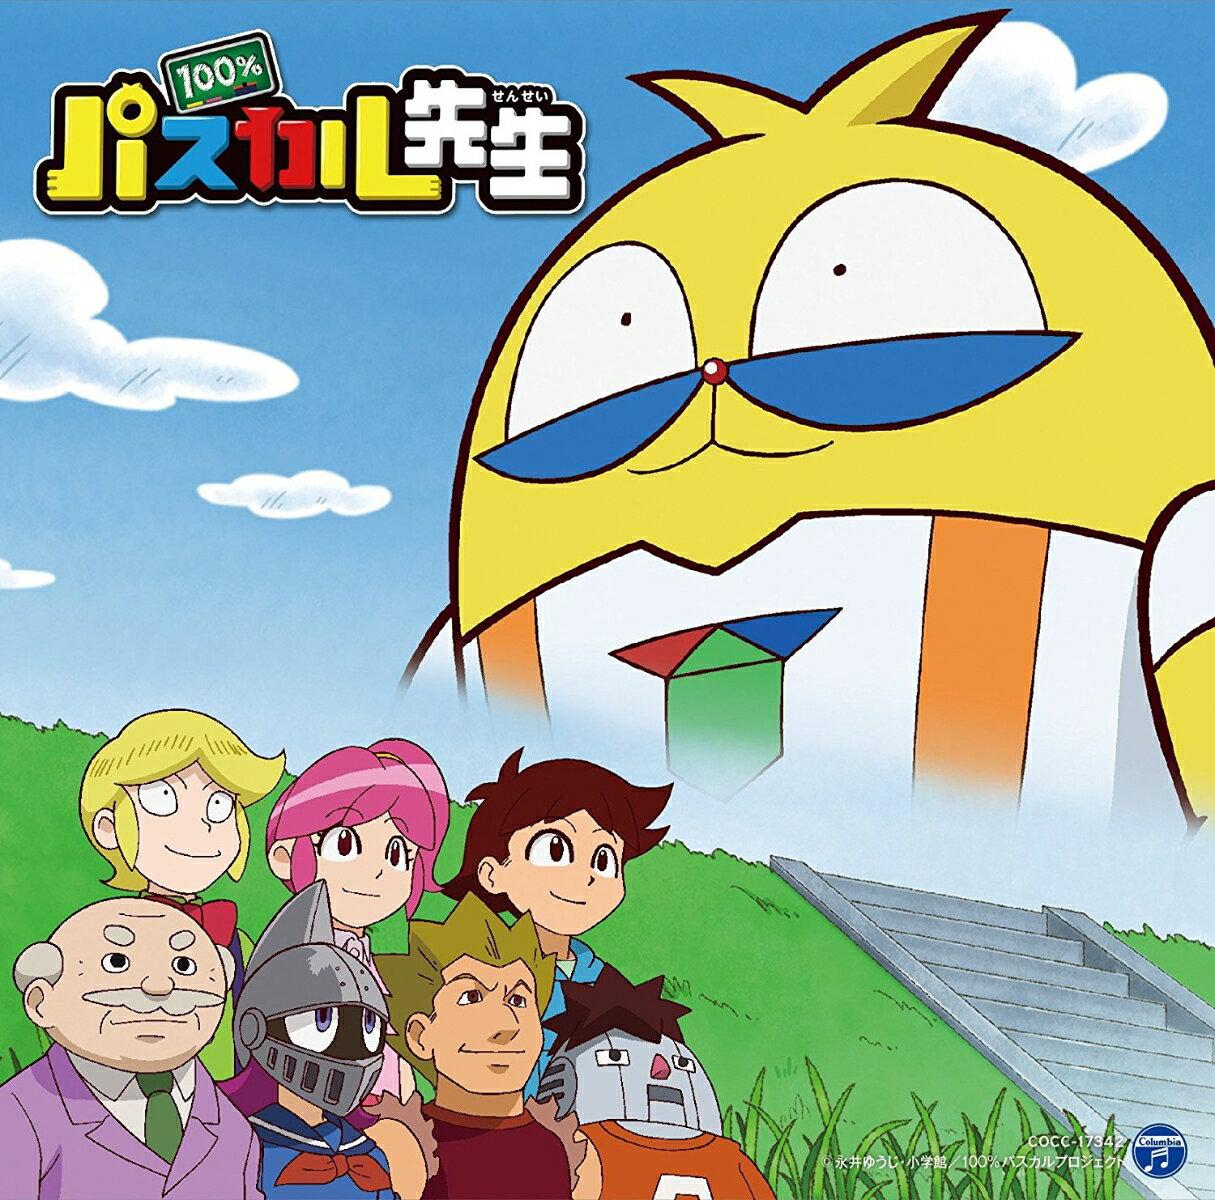 TVアニメ 『100%パスカル先生』 主題歌シングル画像